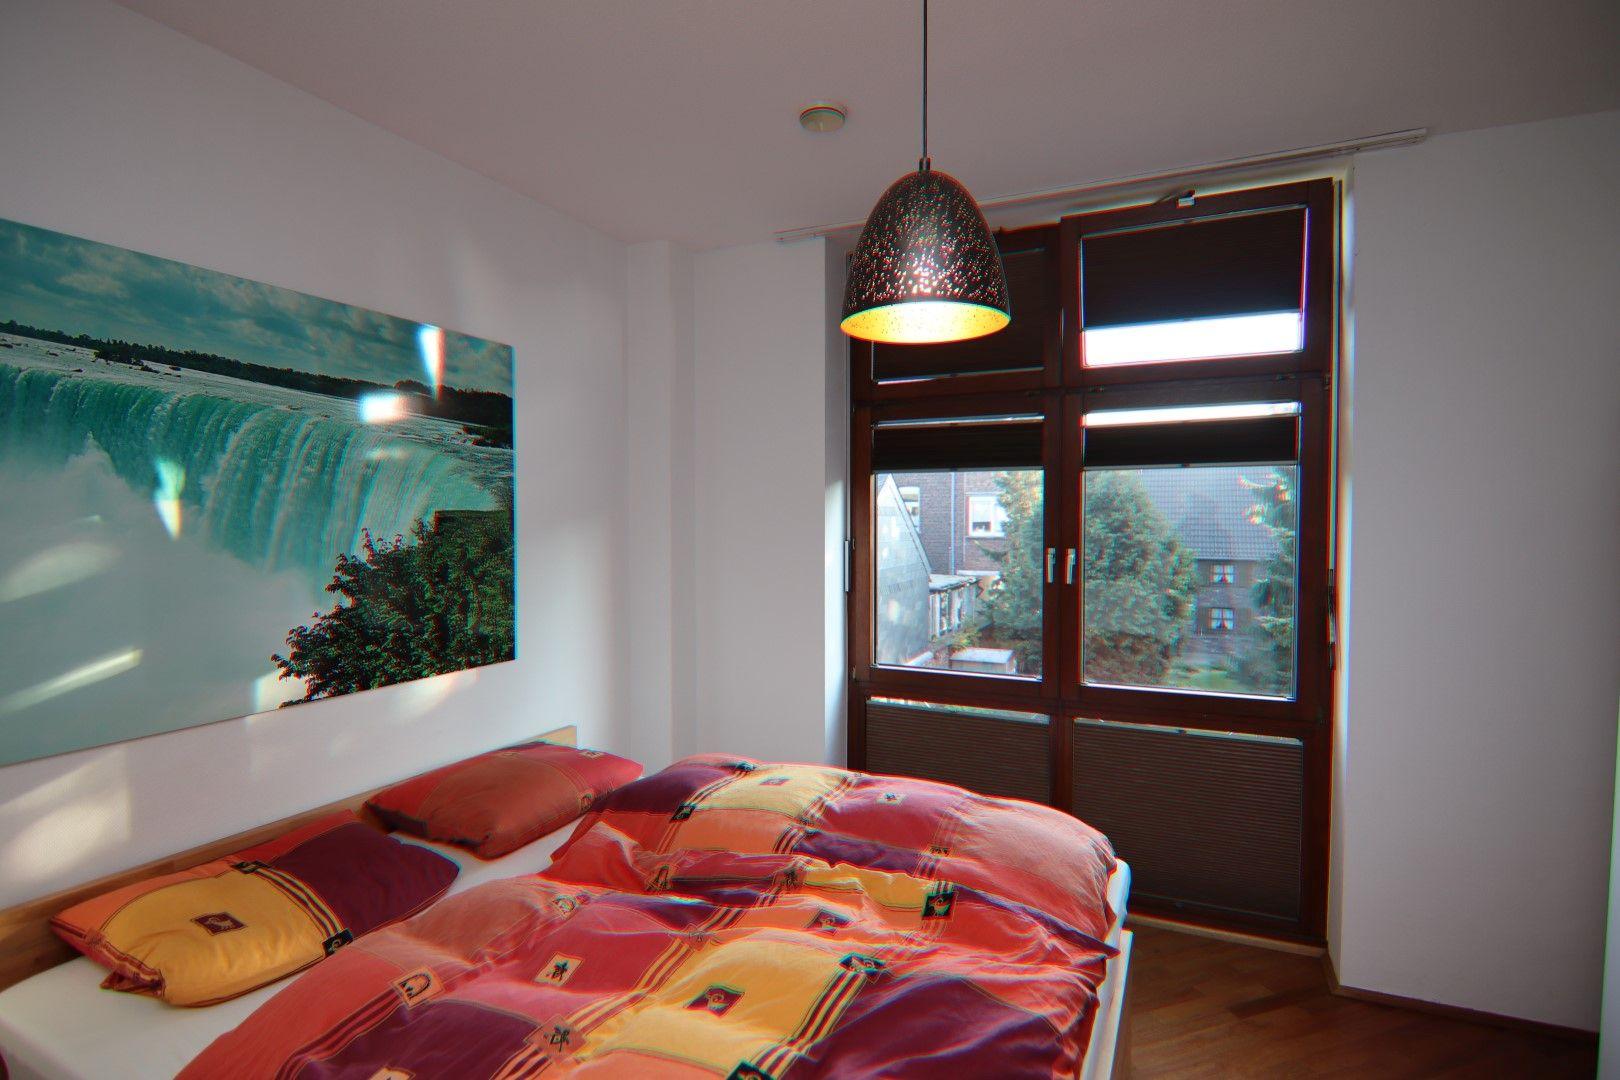 Immobilie Nr.0275 - 4-Raum-Deluxe-Wohnung mit Aufzug, Dachterrasse u. Garage - Bild 16.jpg